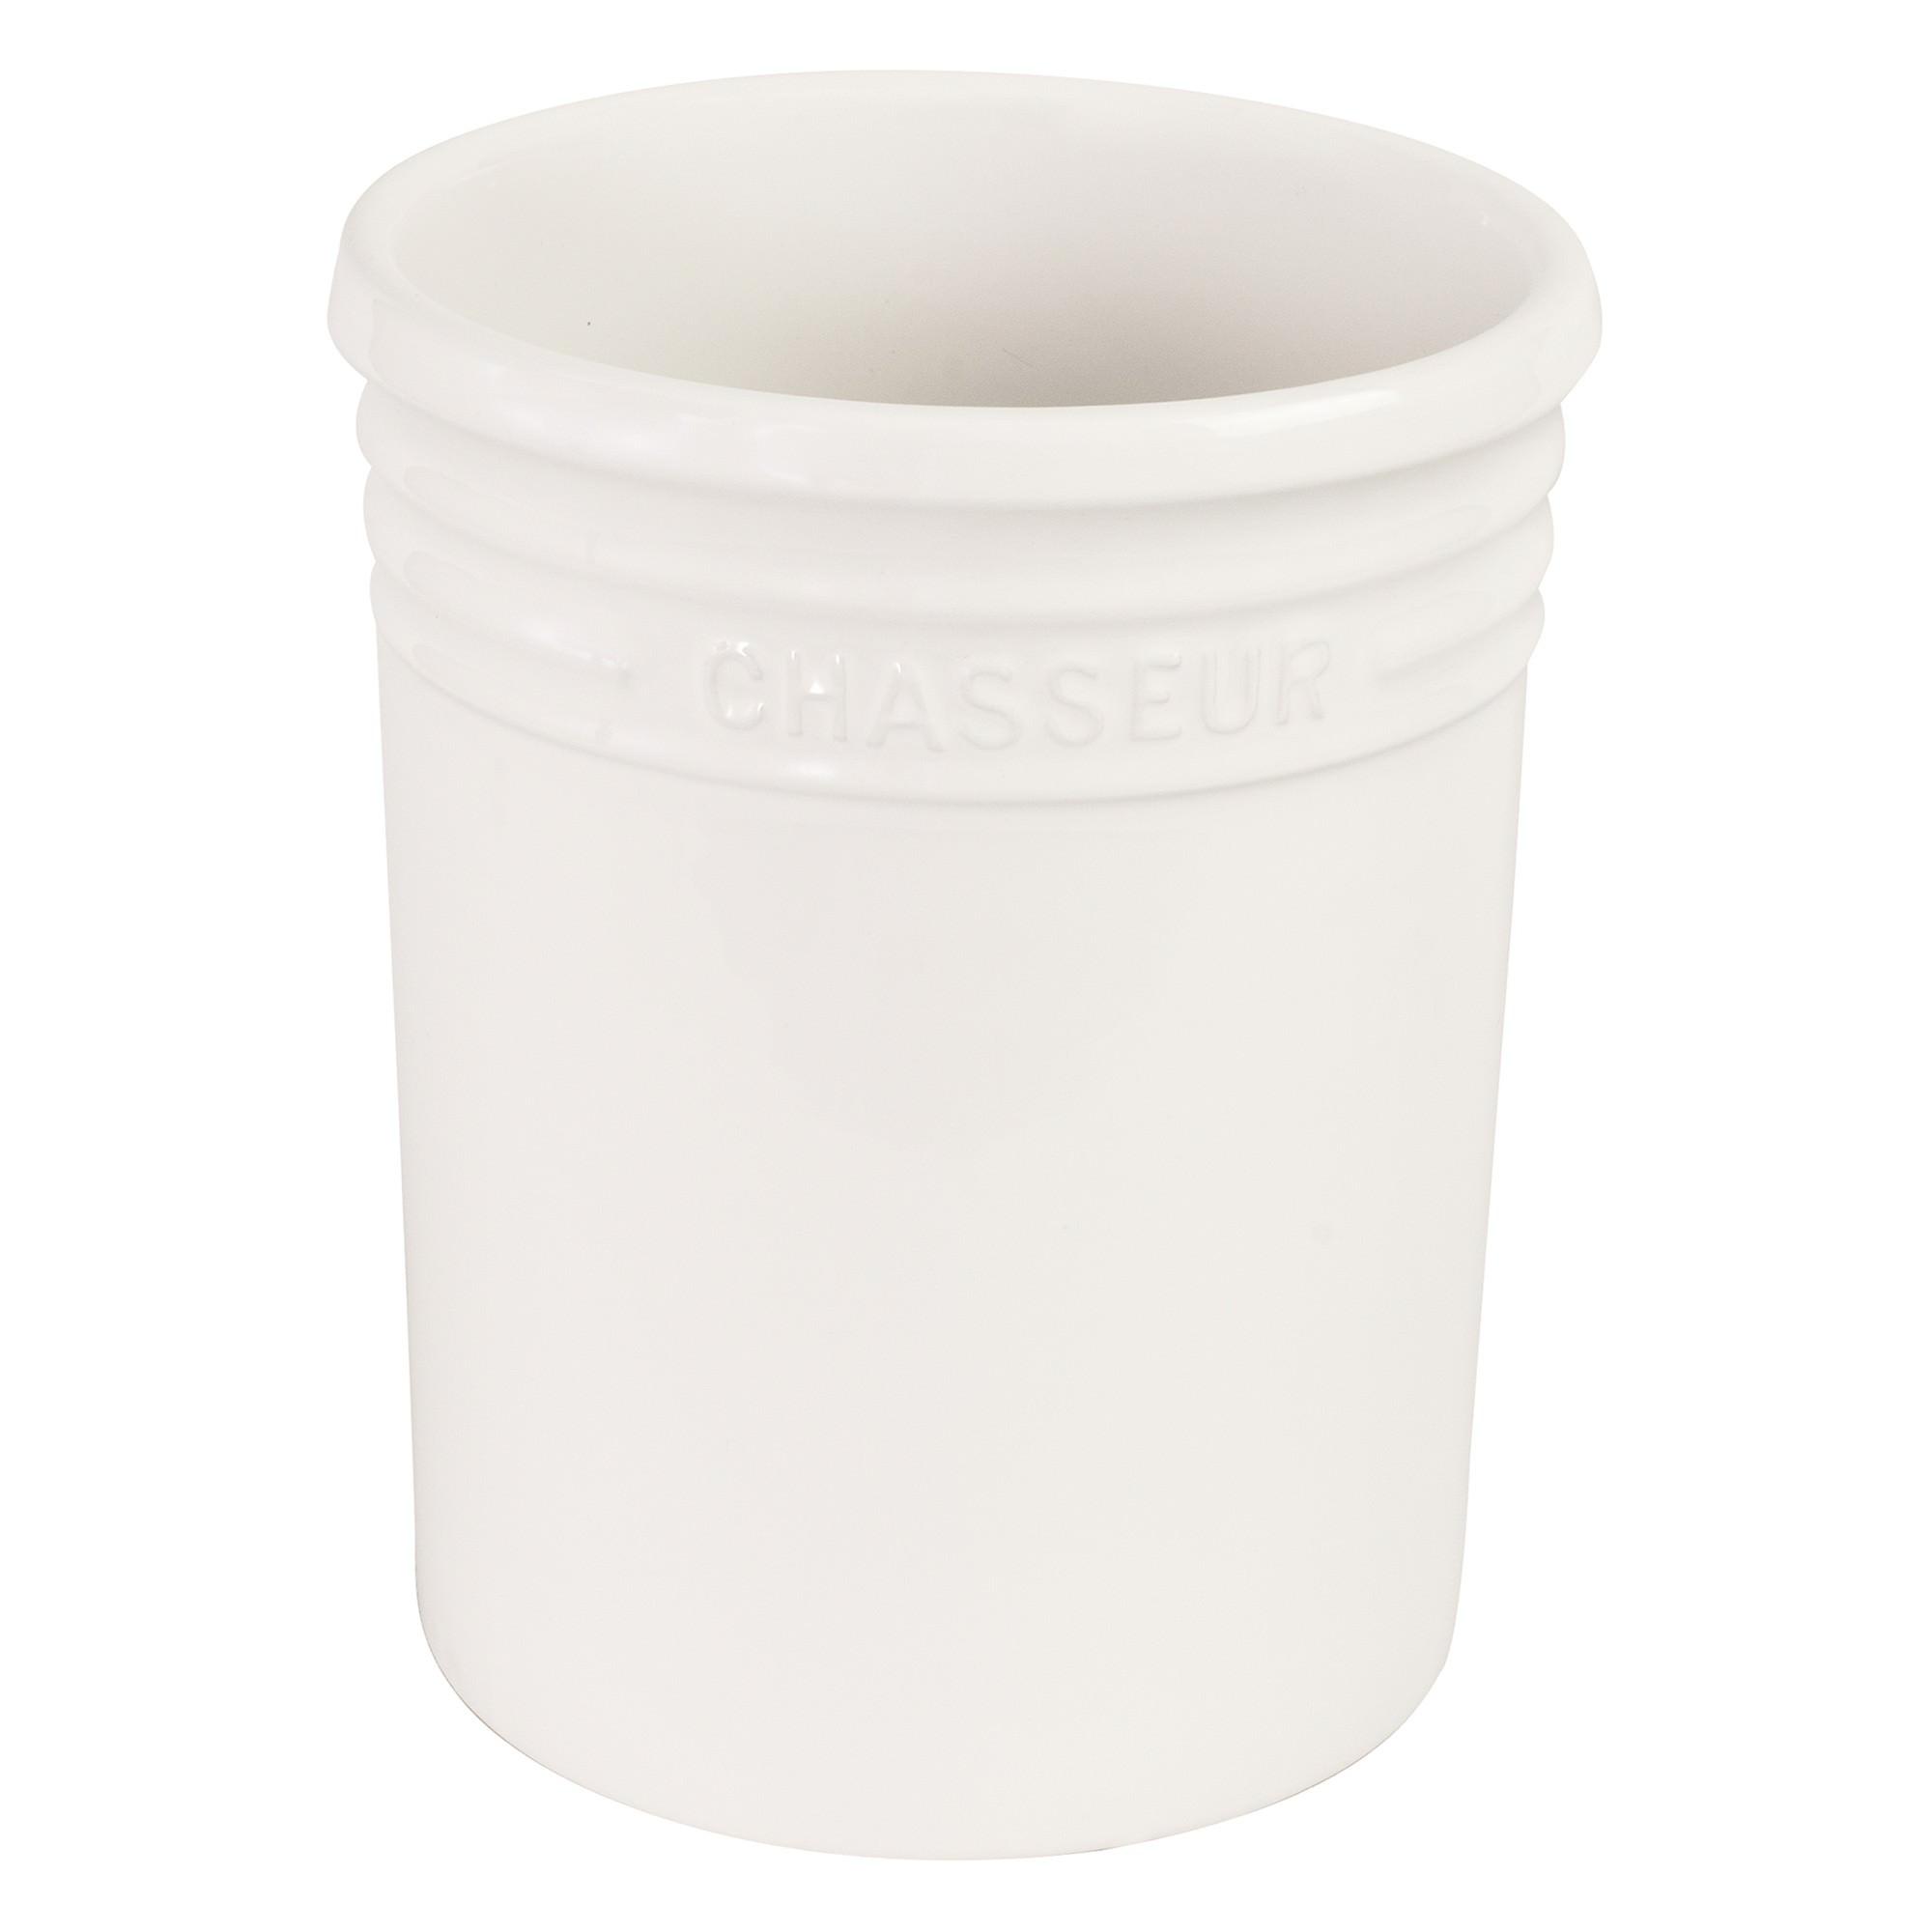 Chasseur La Cuisson Utensil Jar - Antique cream